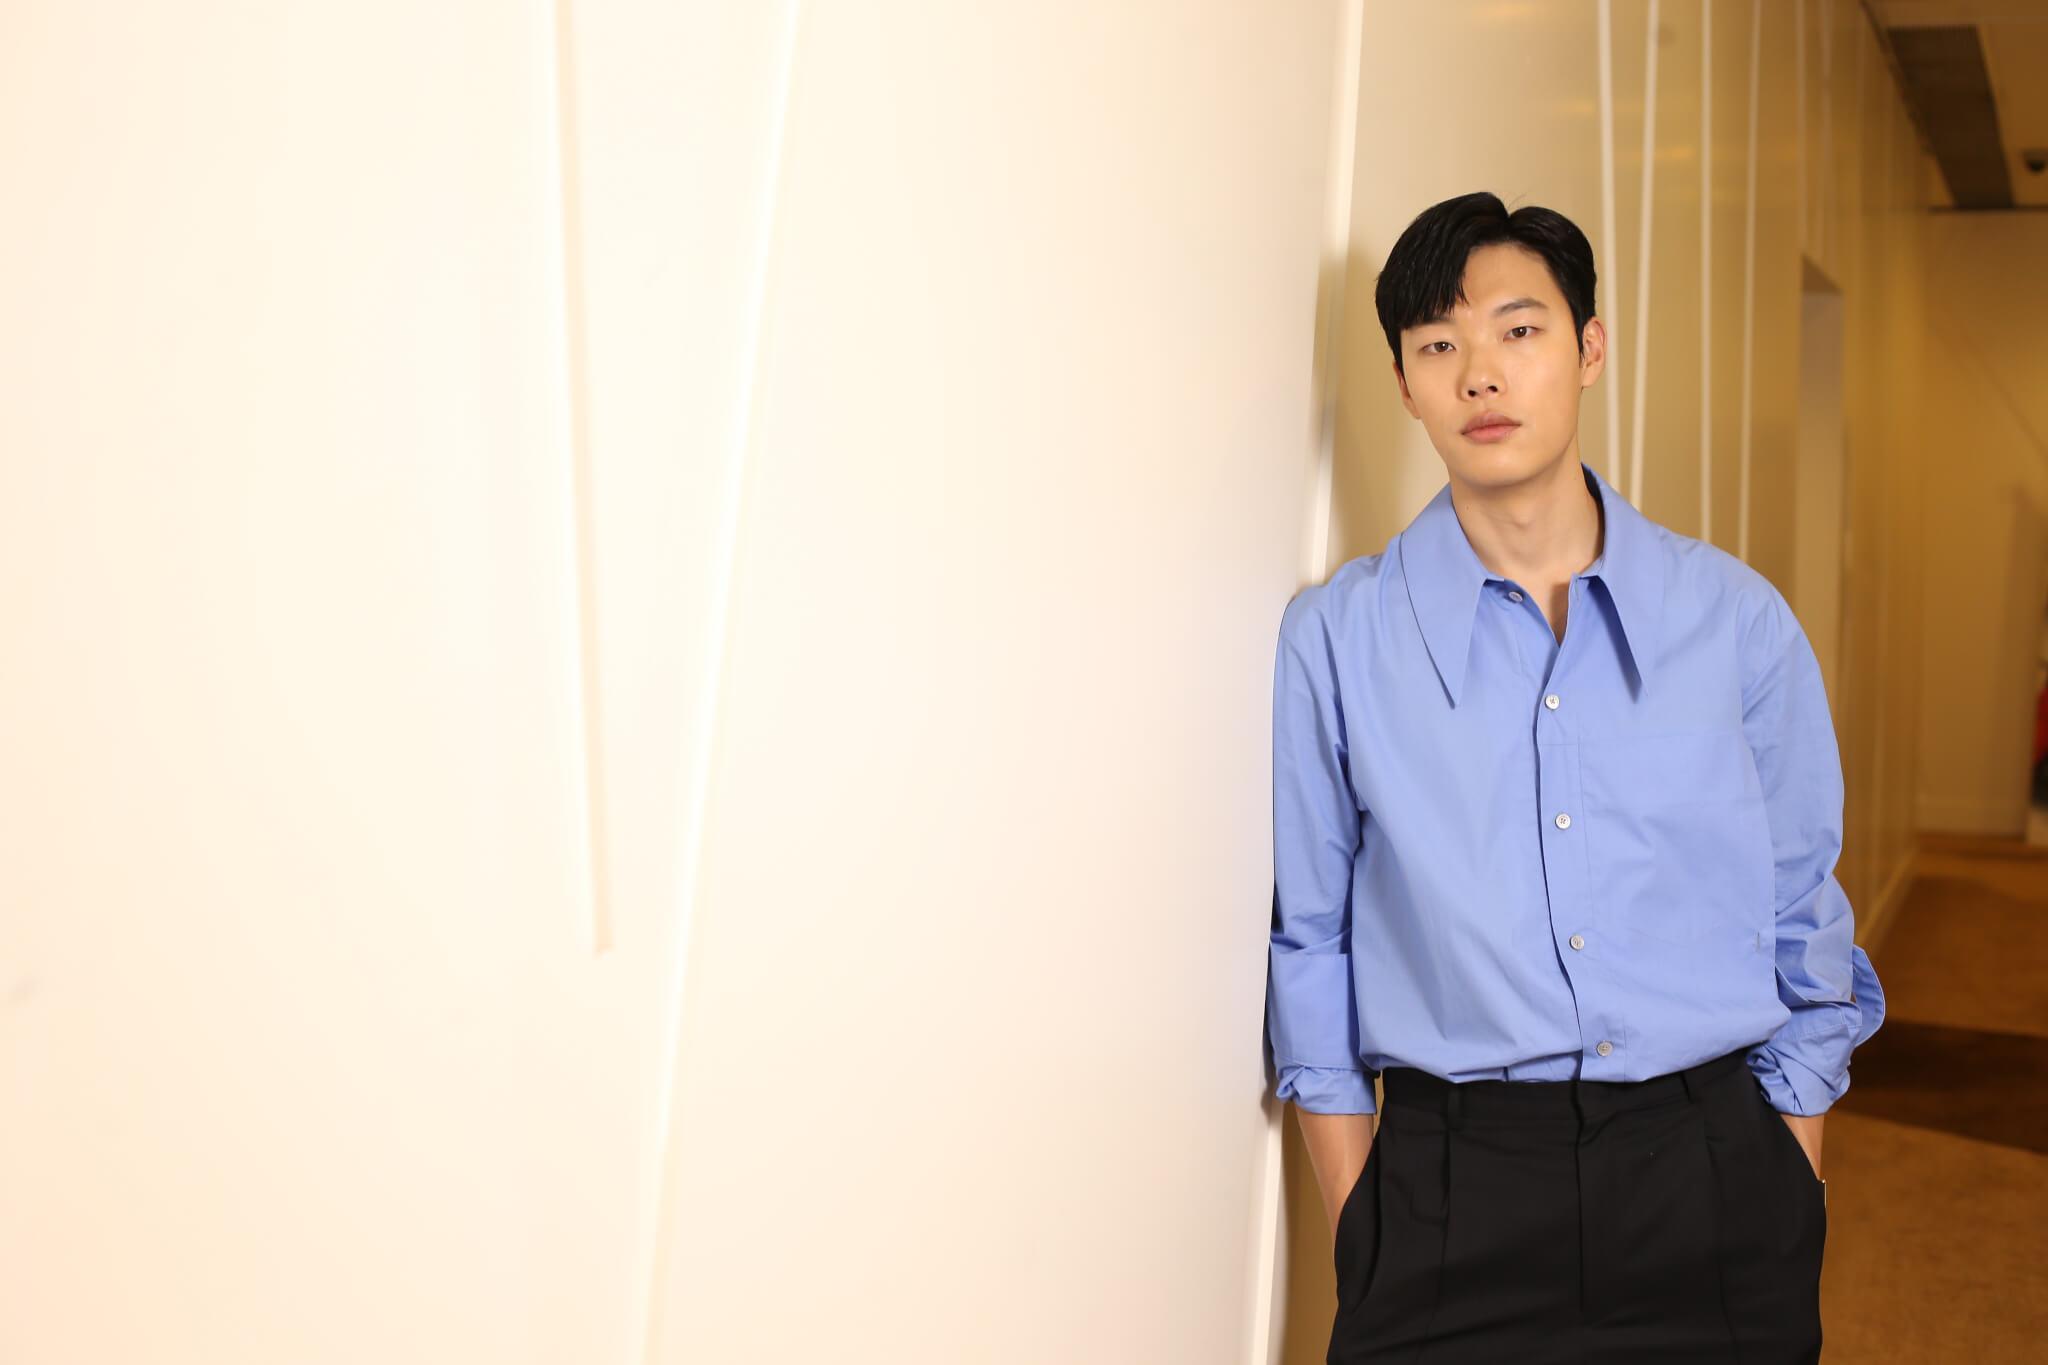 柳俊烈笑言自己喜歡拿着相機四圍拍照,今次也在香港拍下不少靚相。